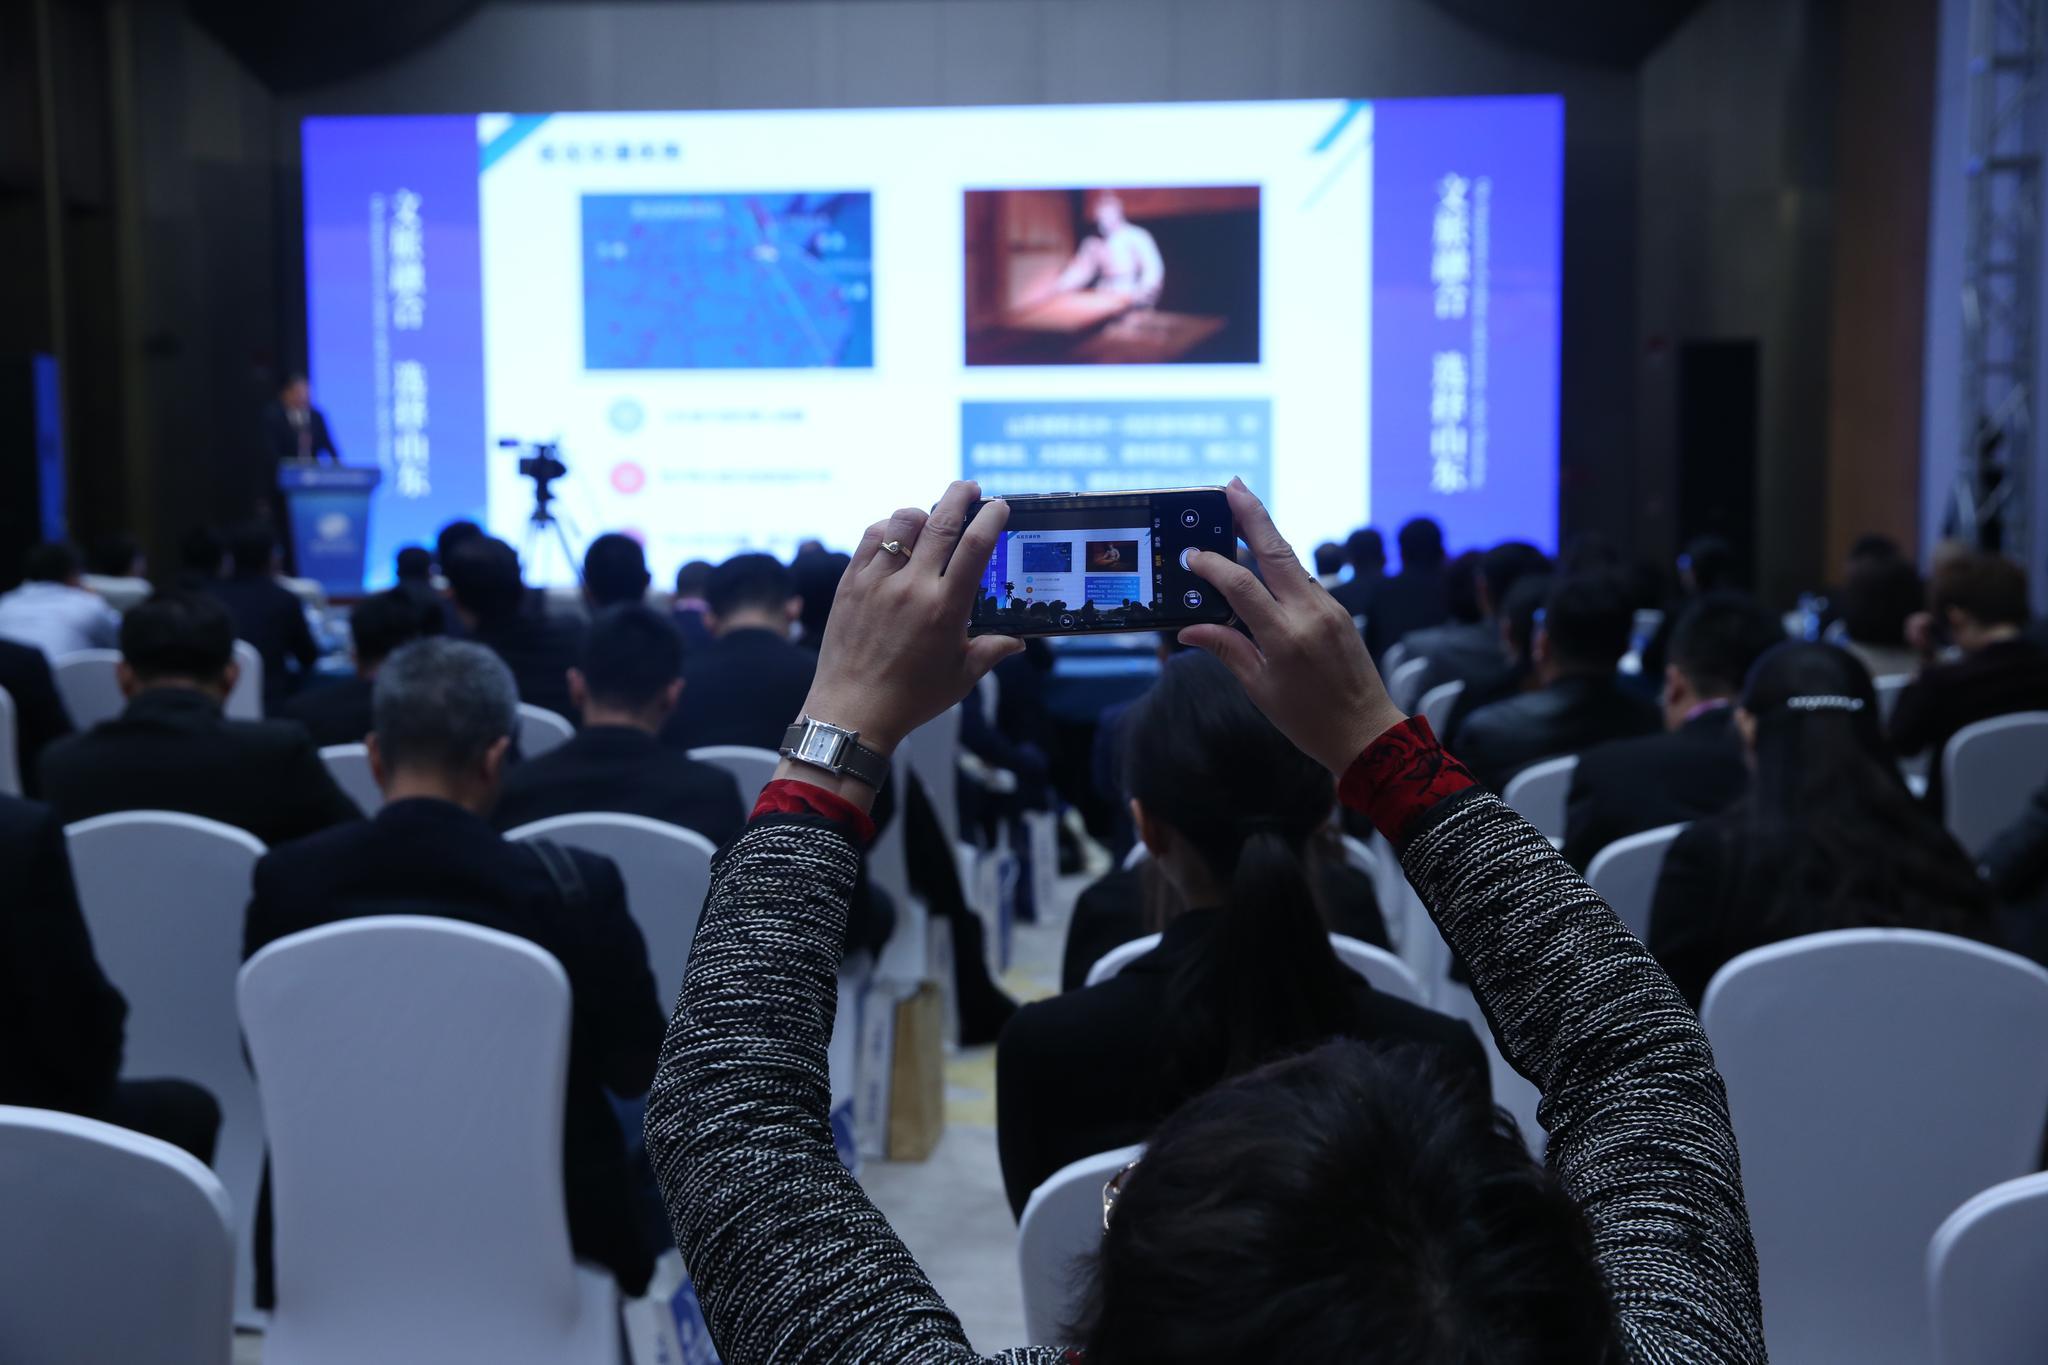 跨国公司领导人青岛峰会上,这6个项目路演引人关注